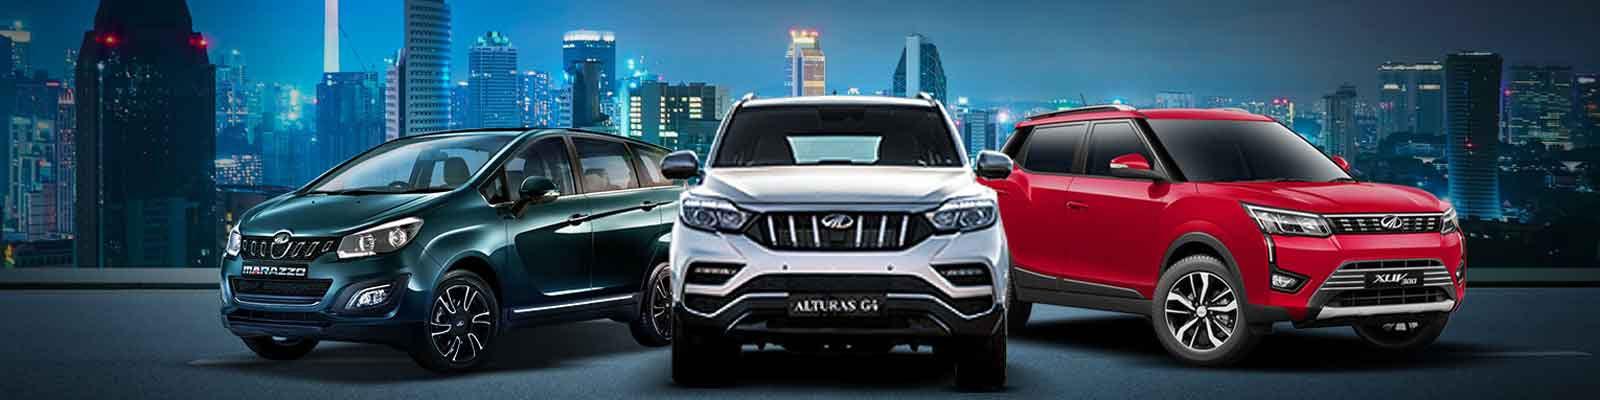 Mahindra Cars In India 2020 Upcoming Mahindra Cars Price Models